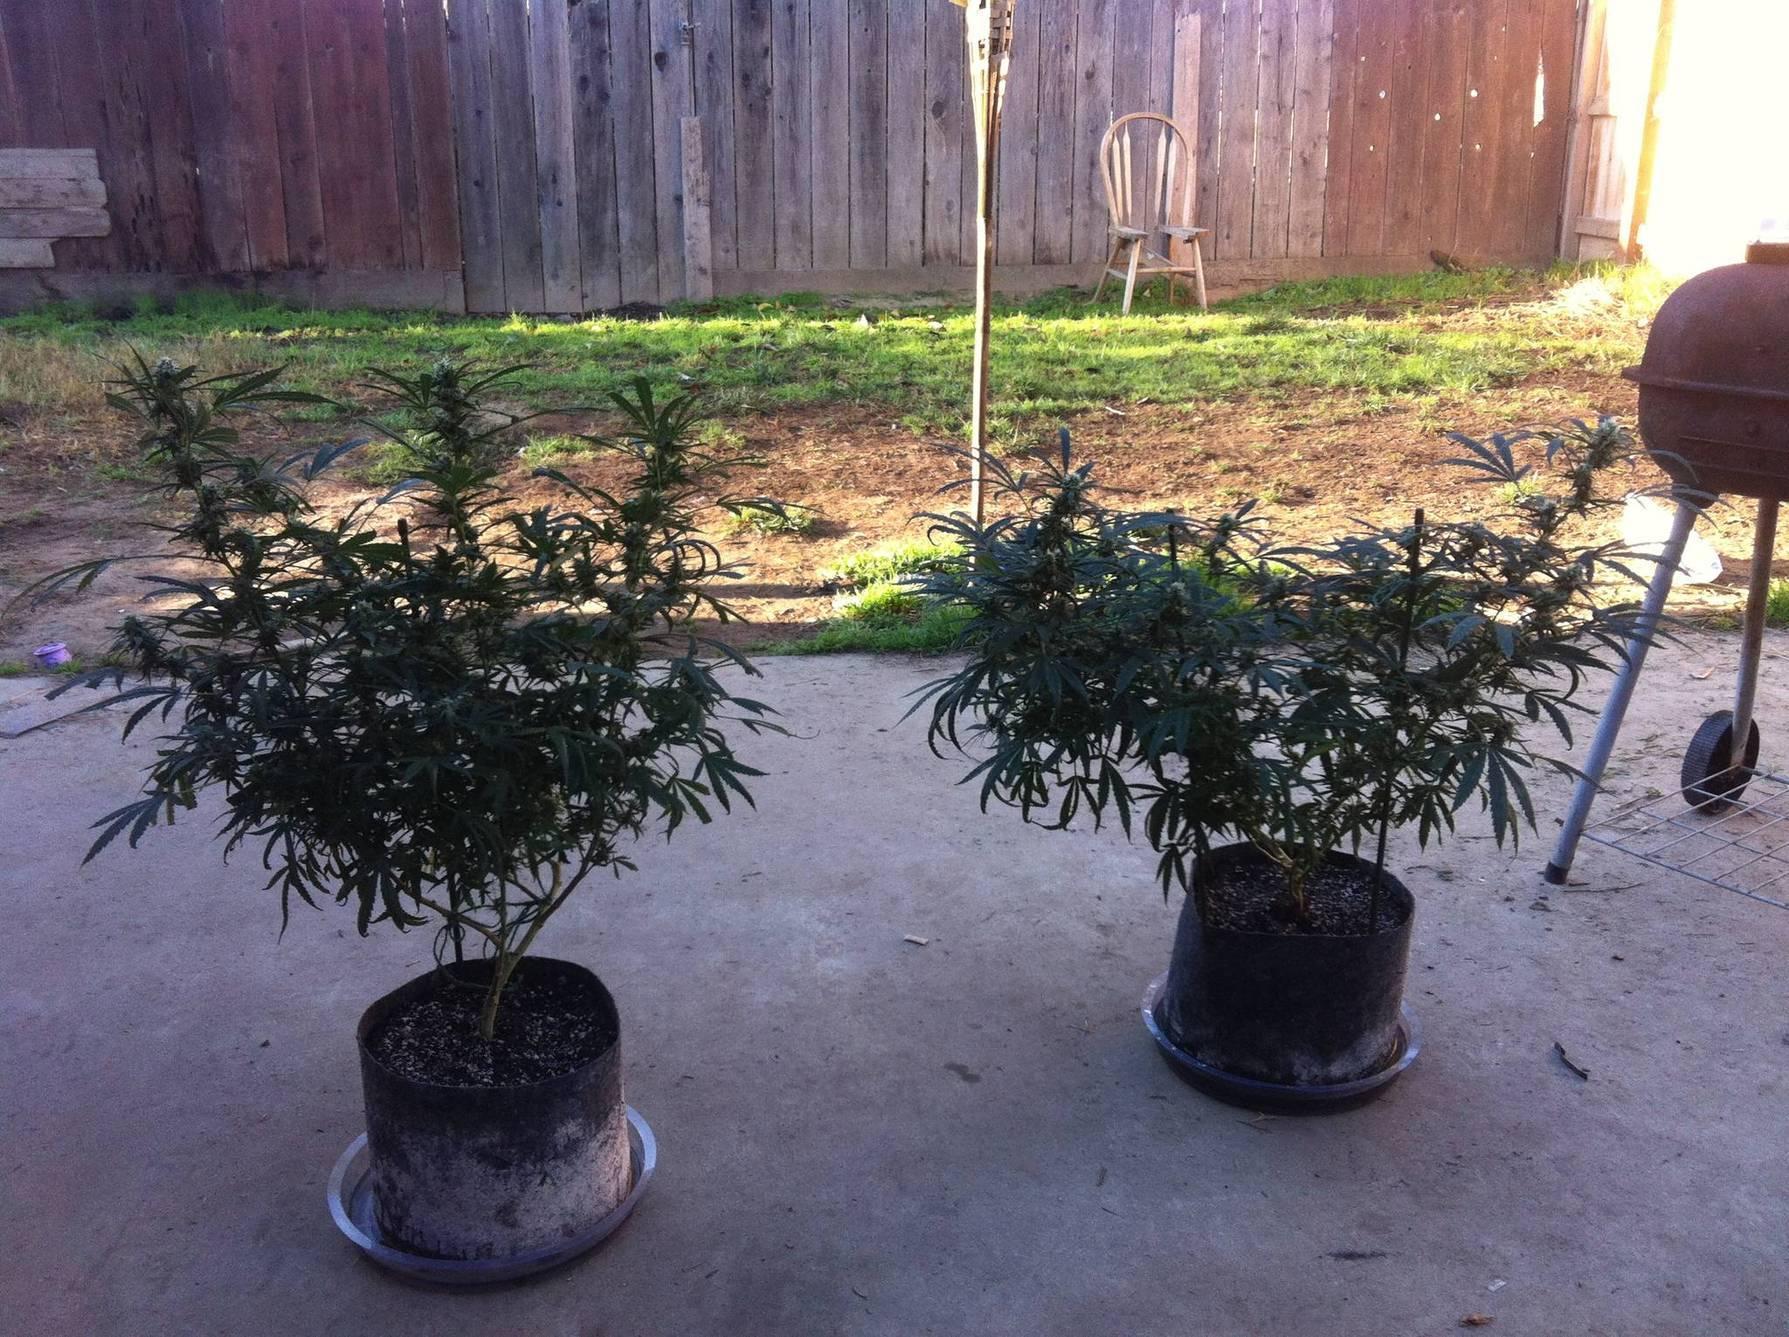 Green Smart Pots 3 Gallon Smart Pots Close